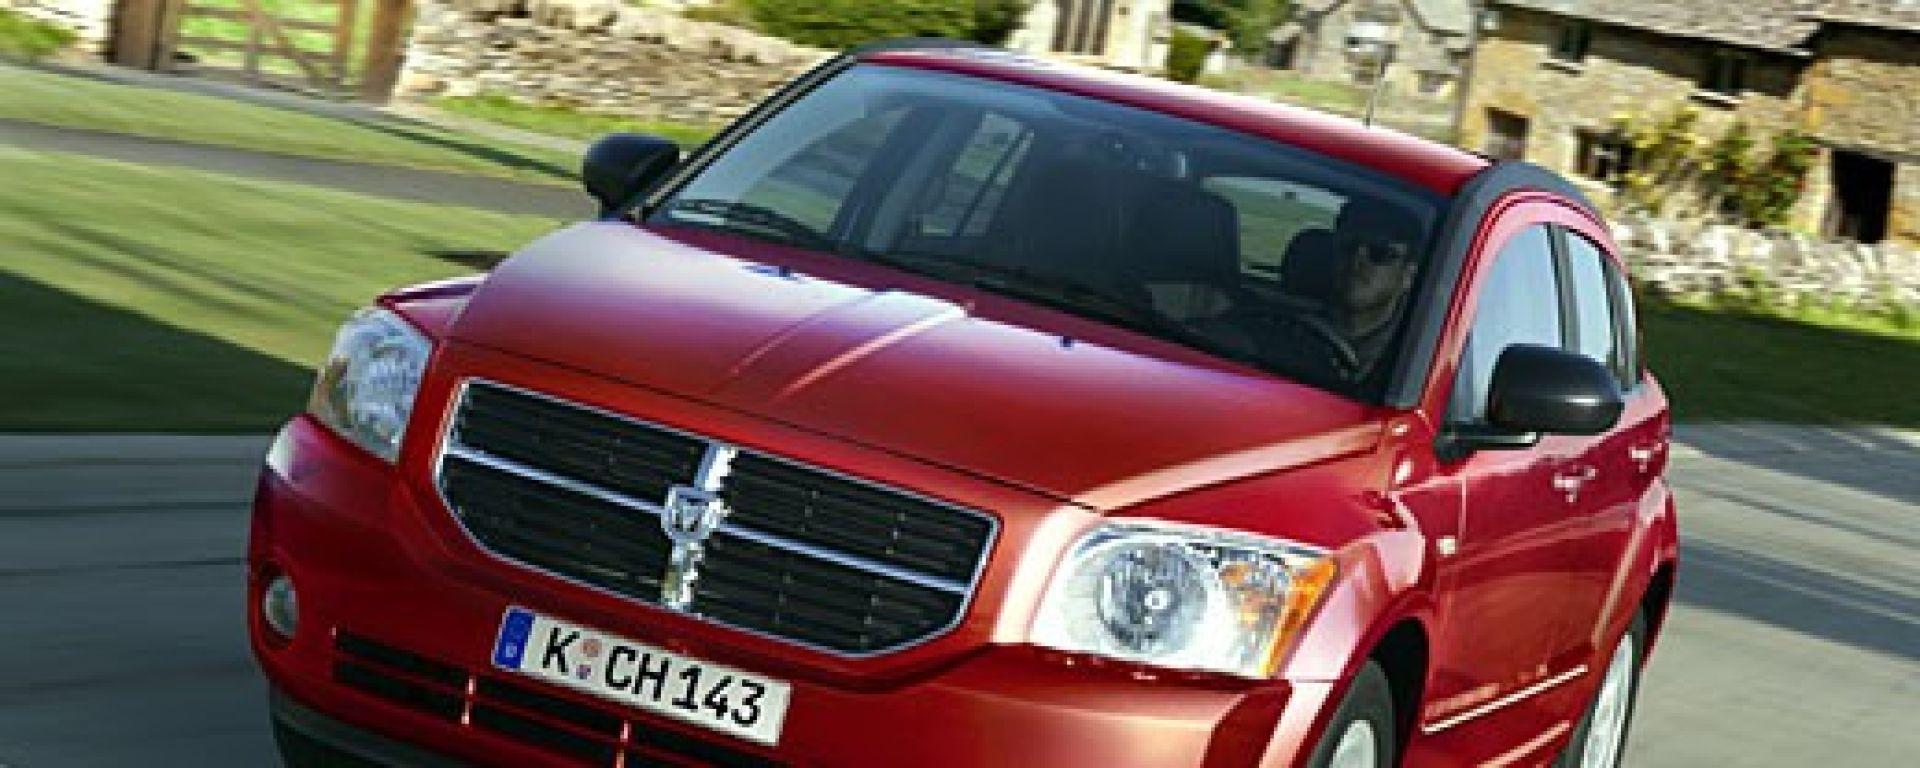 Dodge Caliber my 2010